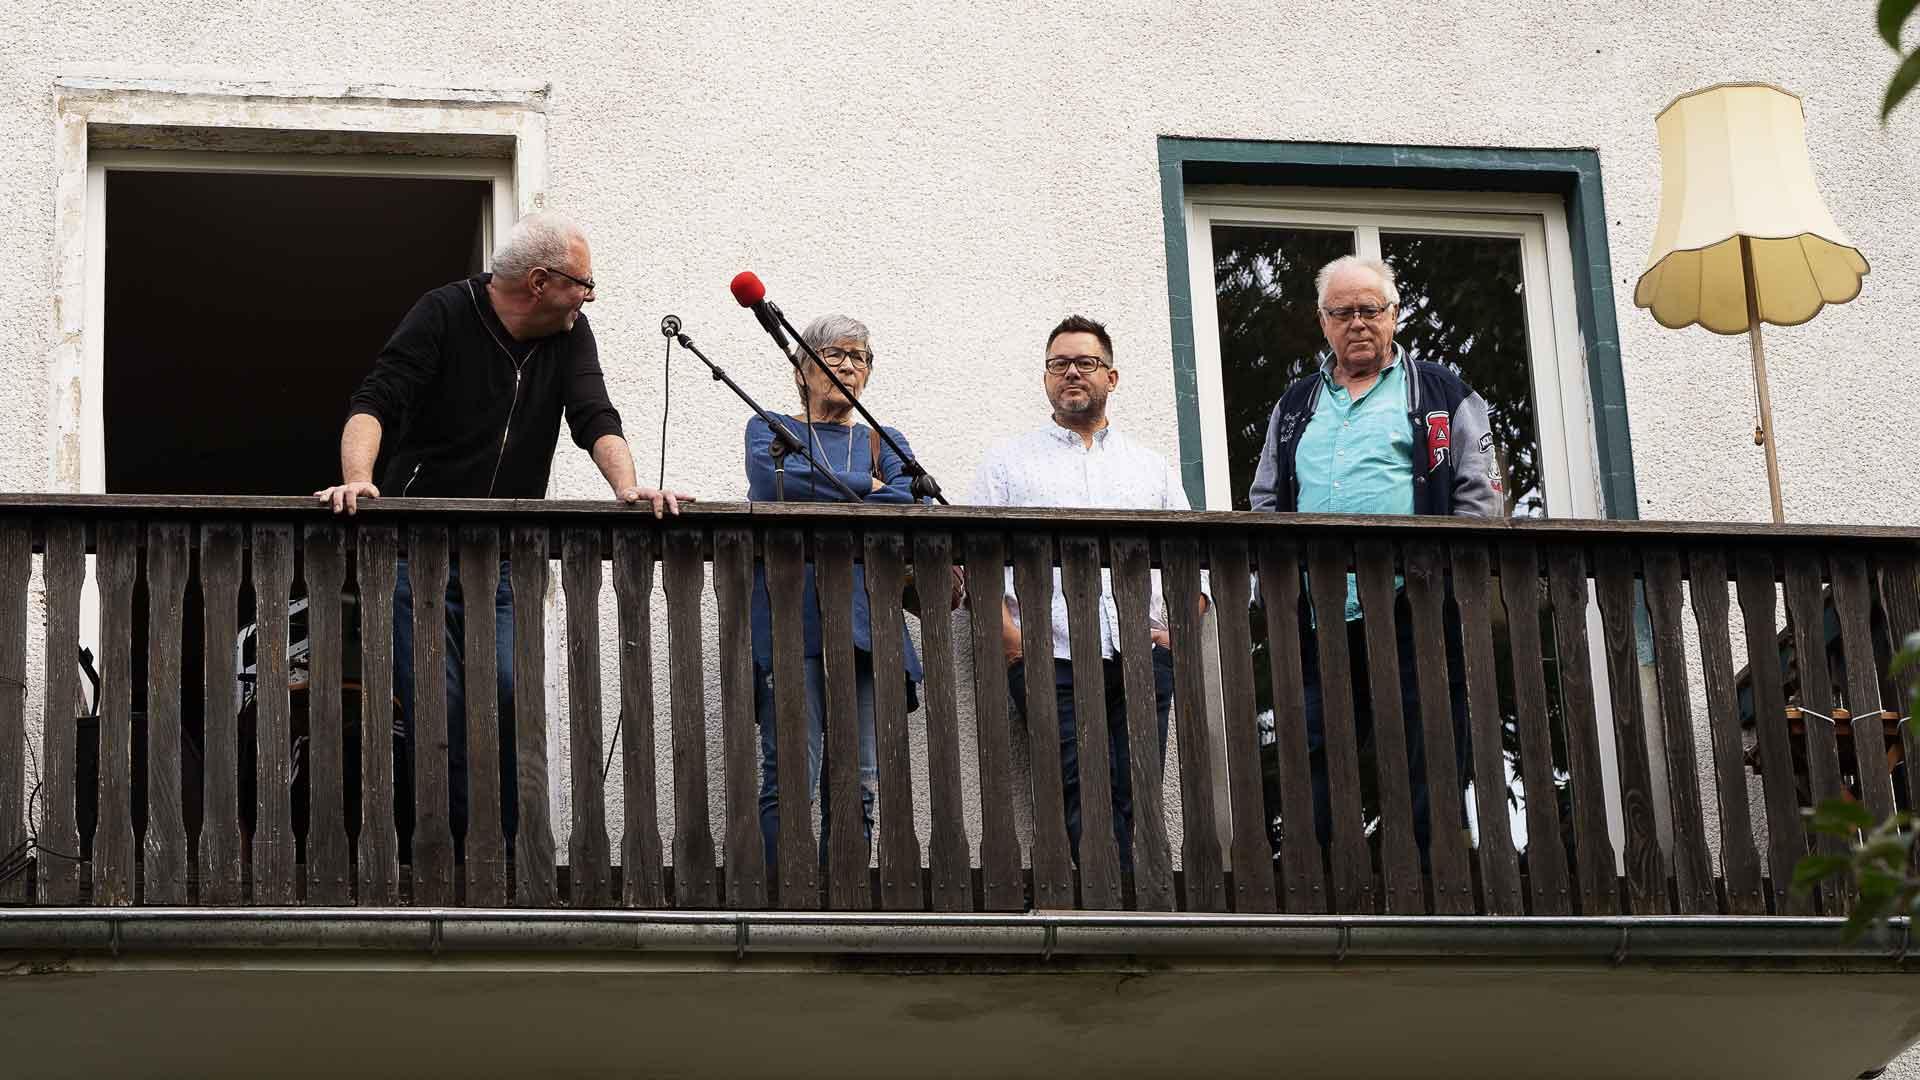 Bühnencheck beim Balkon der freien Künste 2020